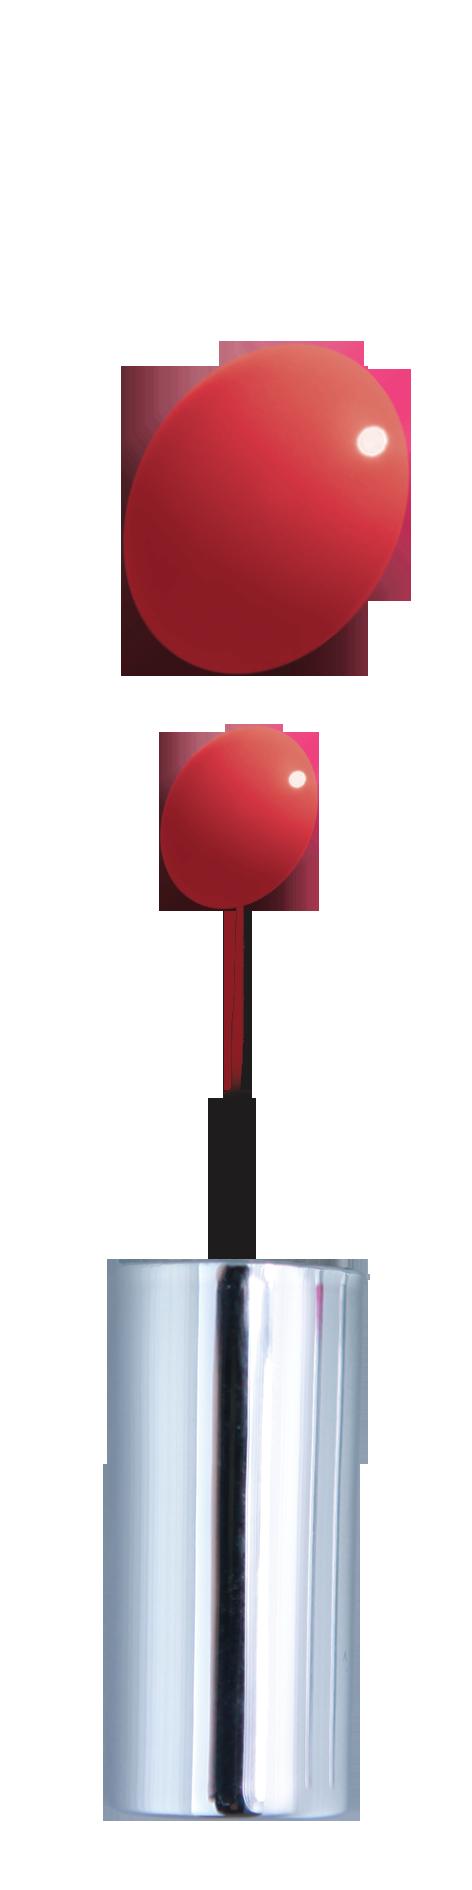 Nailart Crystalac - Díszítő tűecsetes Crystalac - 17